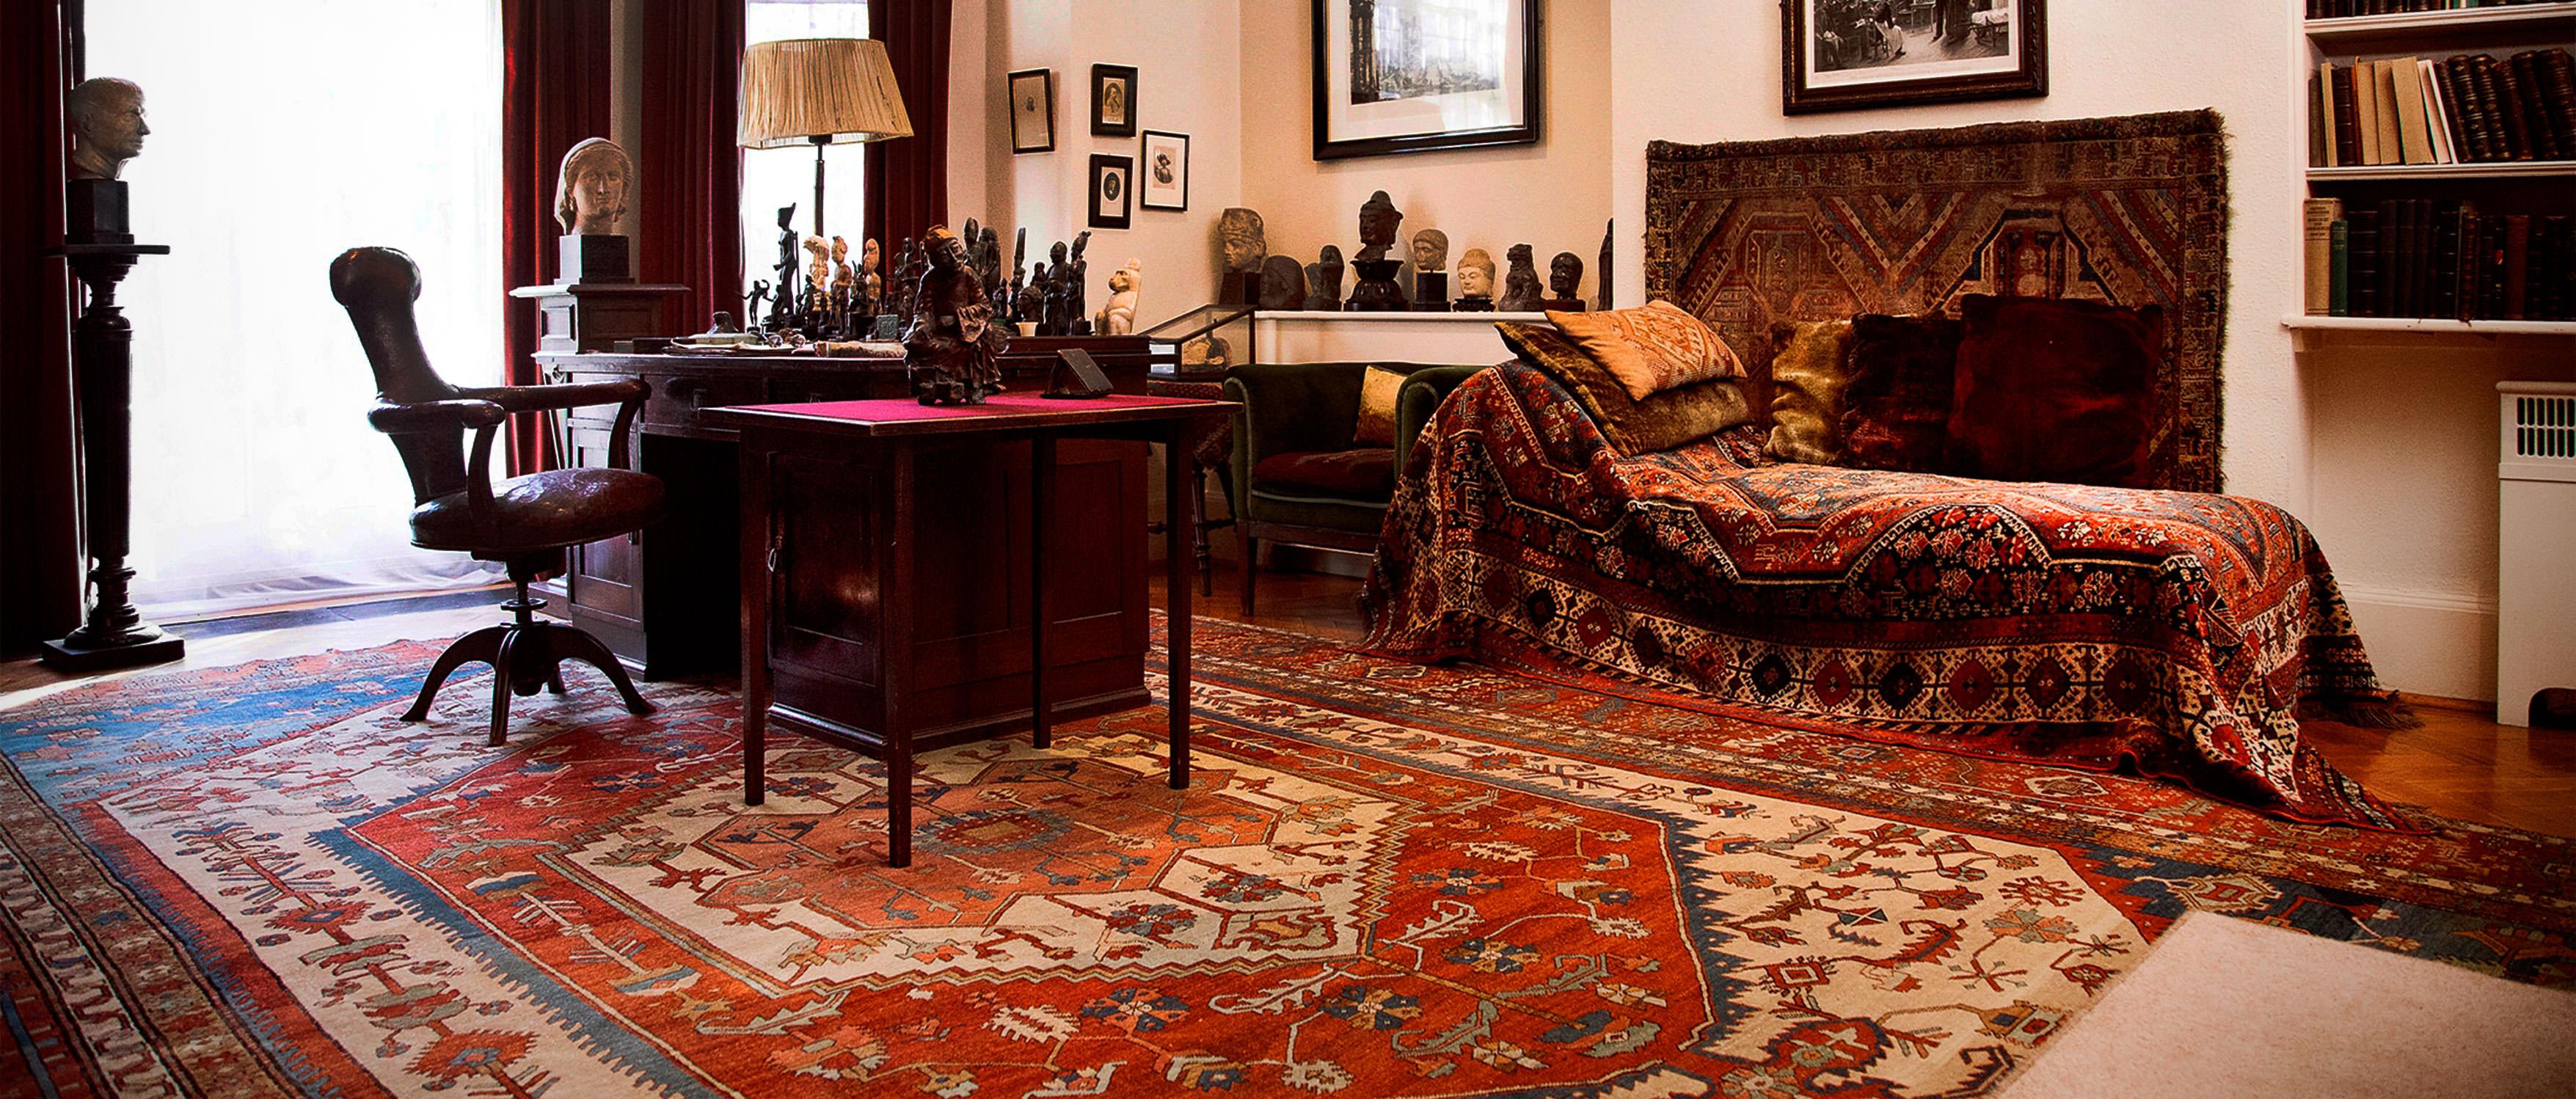 El div n un mueble de lujo con mucha historia blog de for Divan de sigmund freud